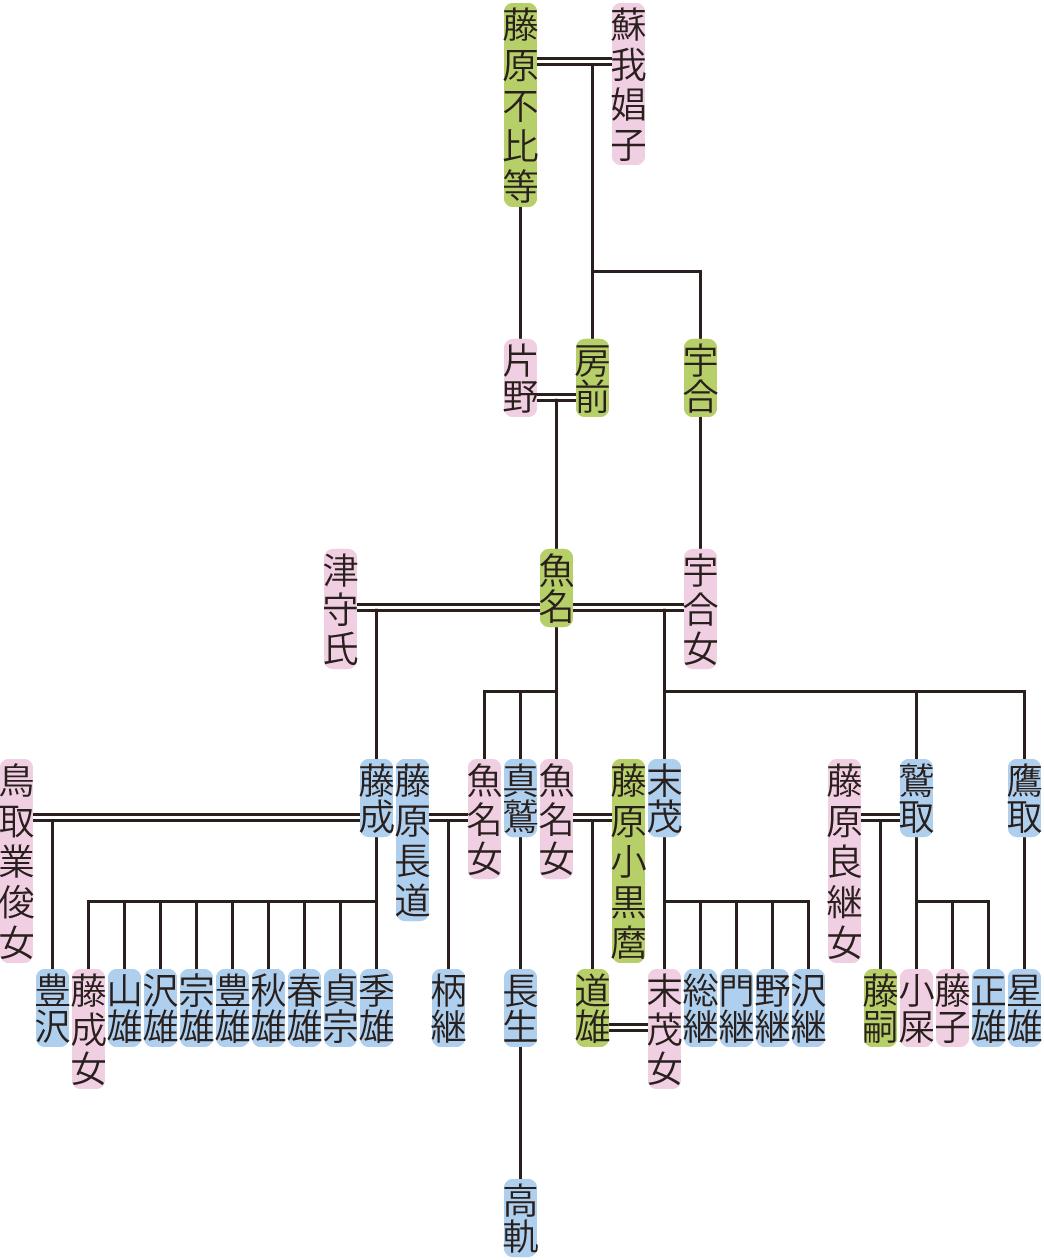 藤原魚名の系図